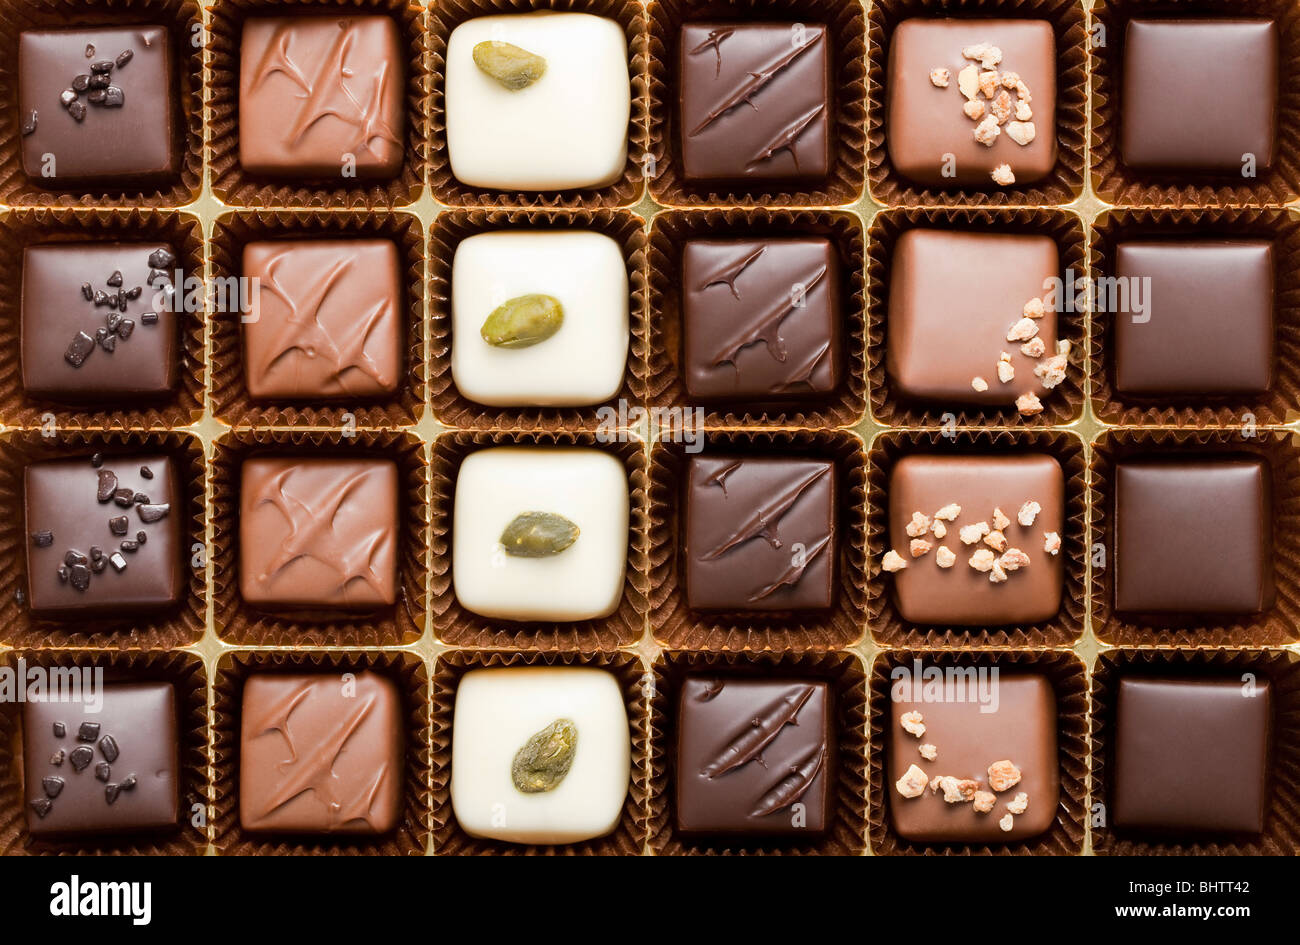 Hechos a mano en una caja de chocolates de lujo - Disparo en studio Imagen De Stock